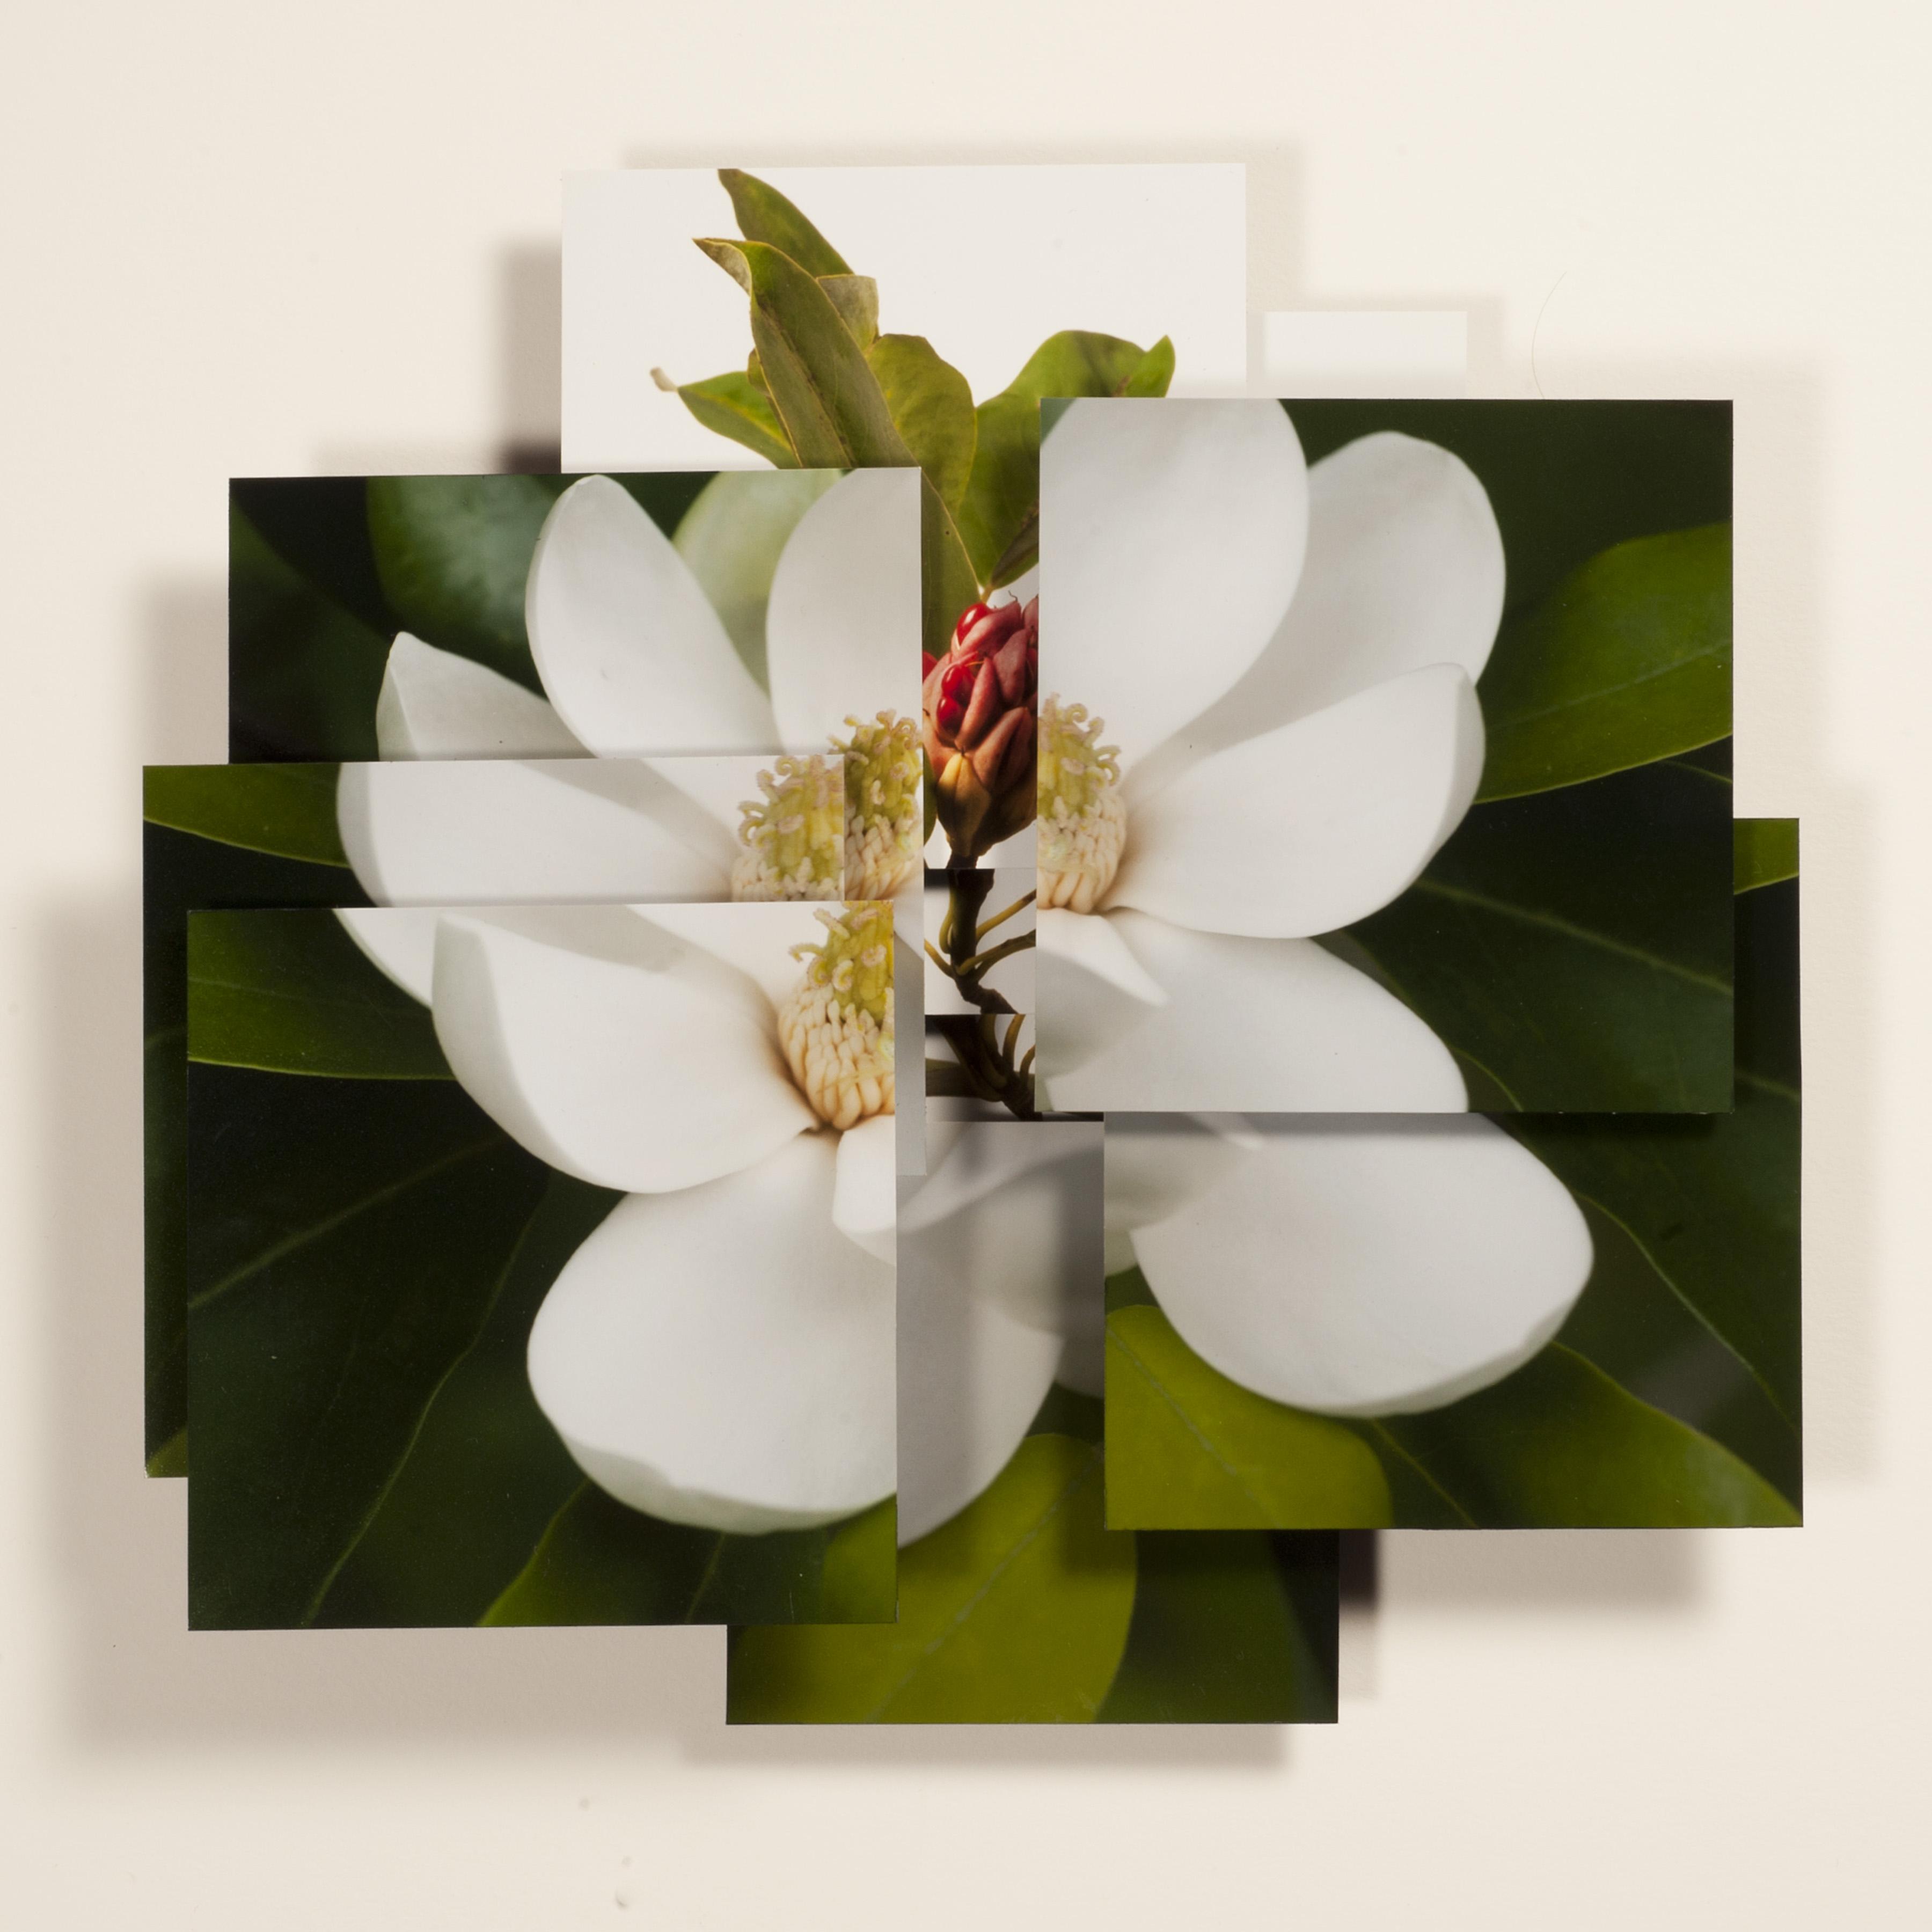 Magnolia Series -1